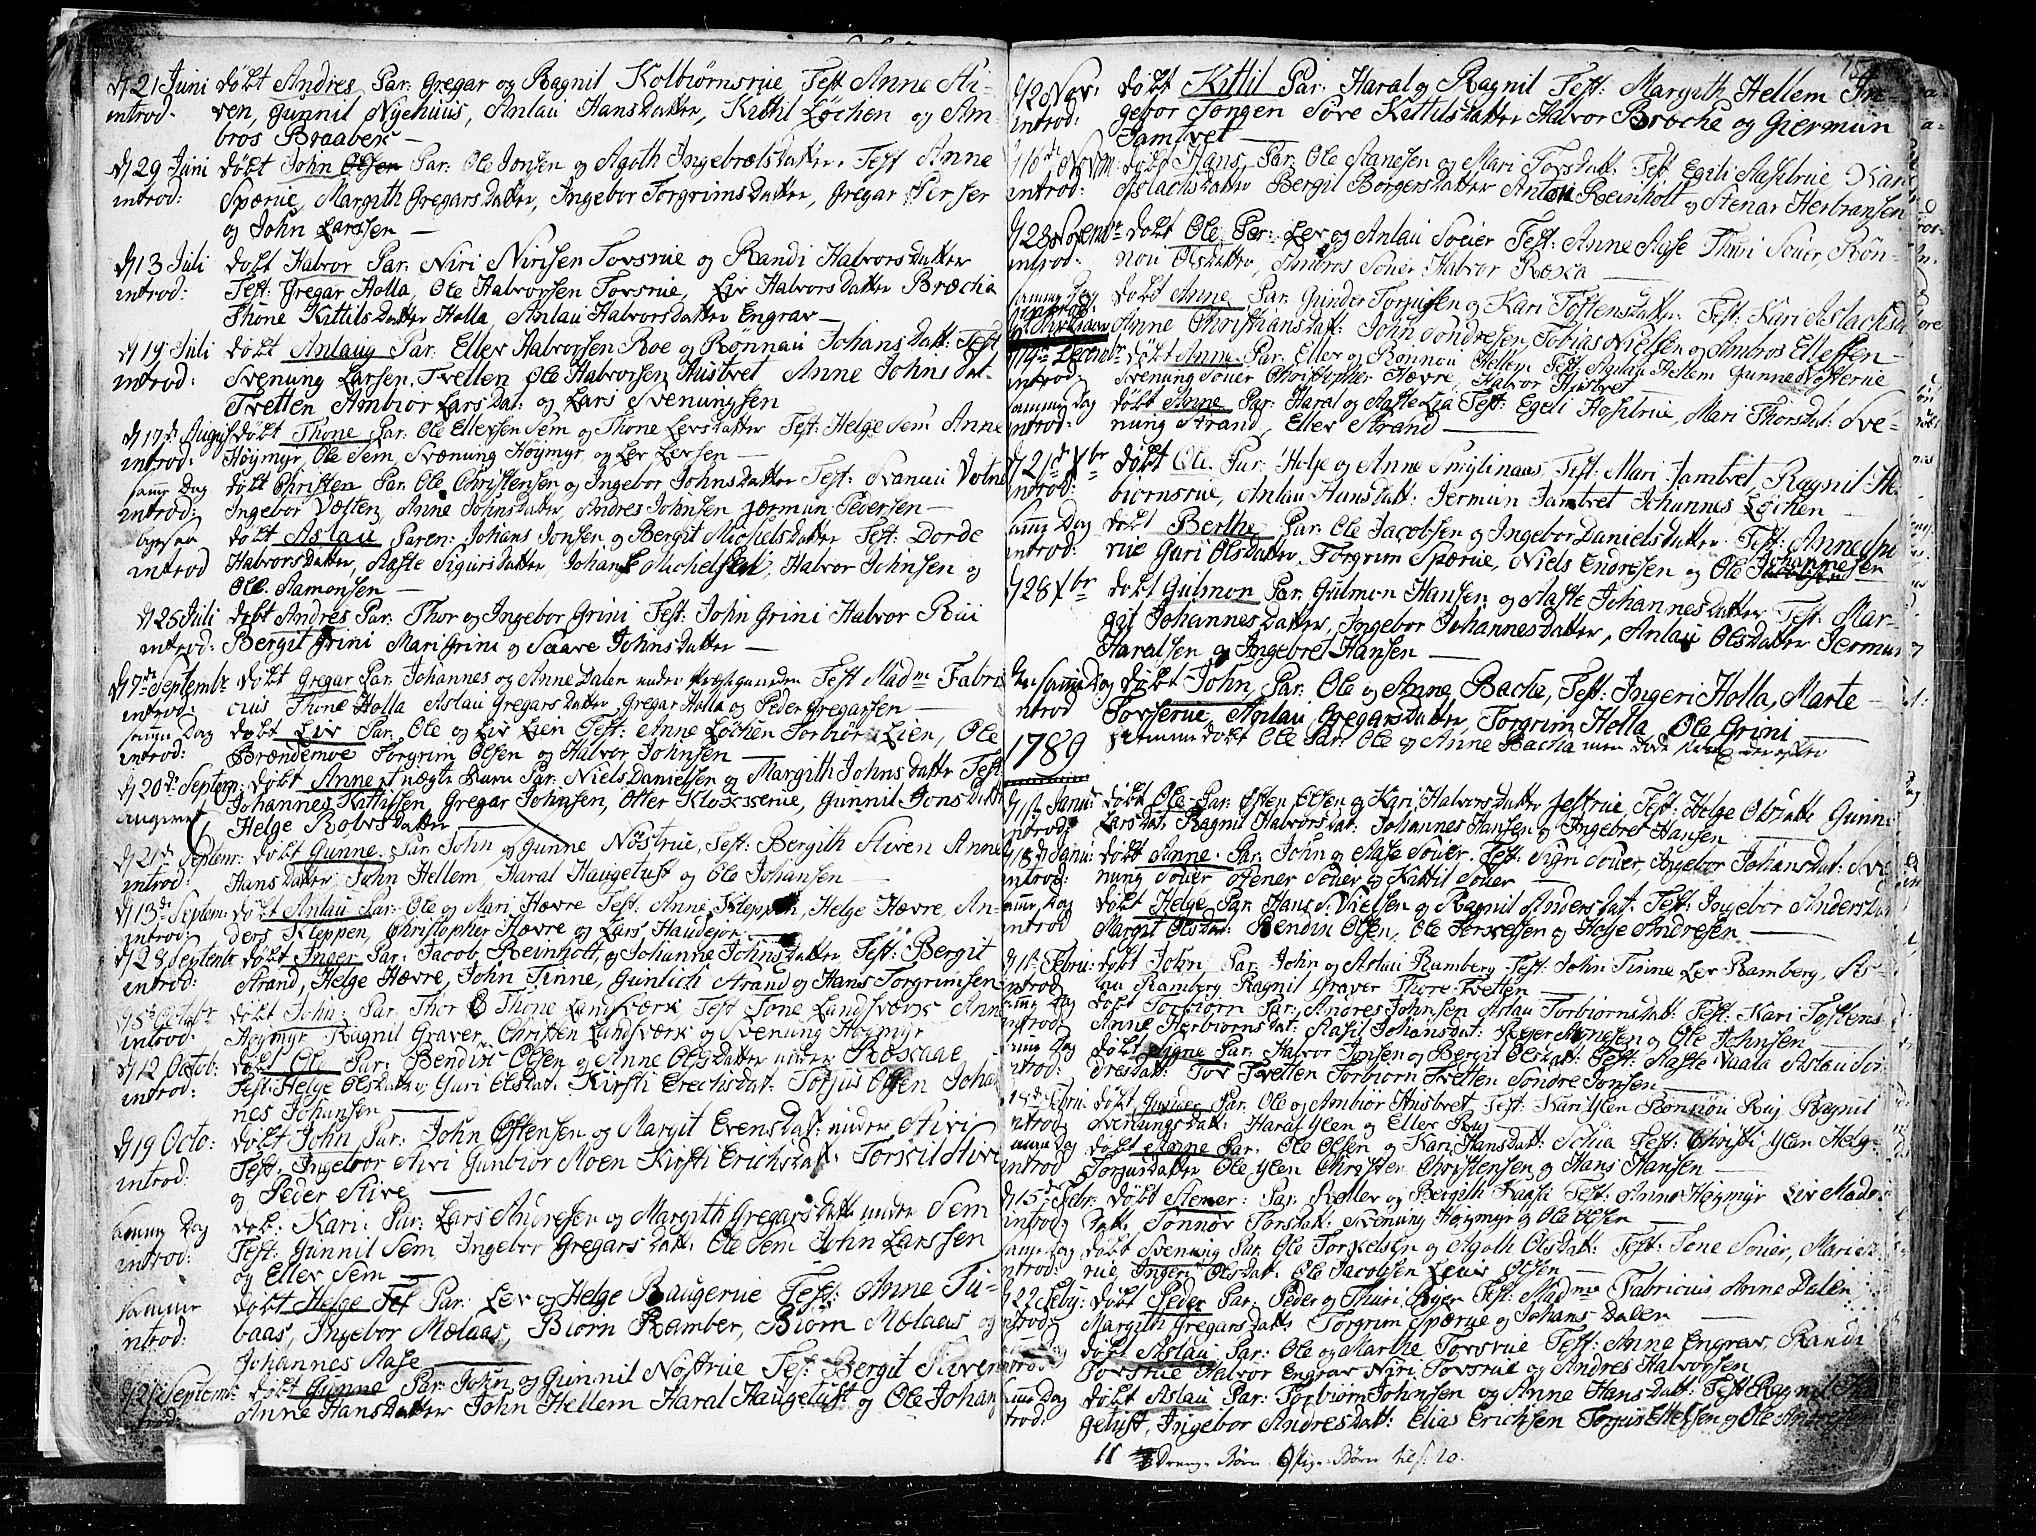 SAKO, Heddal kirkebøker, F/Fa/L0004: Ministerialbok nr. I 4, 1784-1814, s. 15